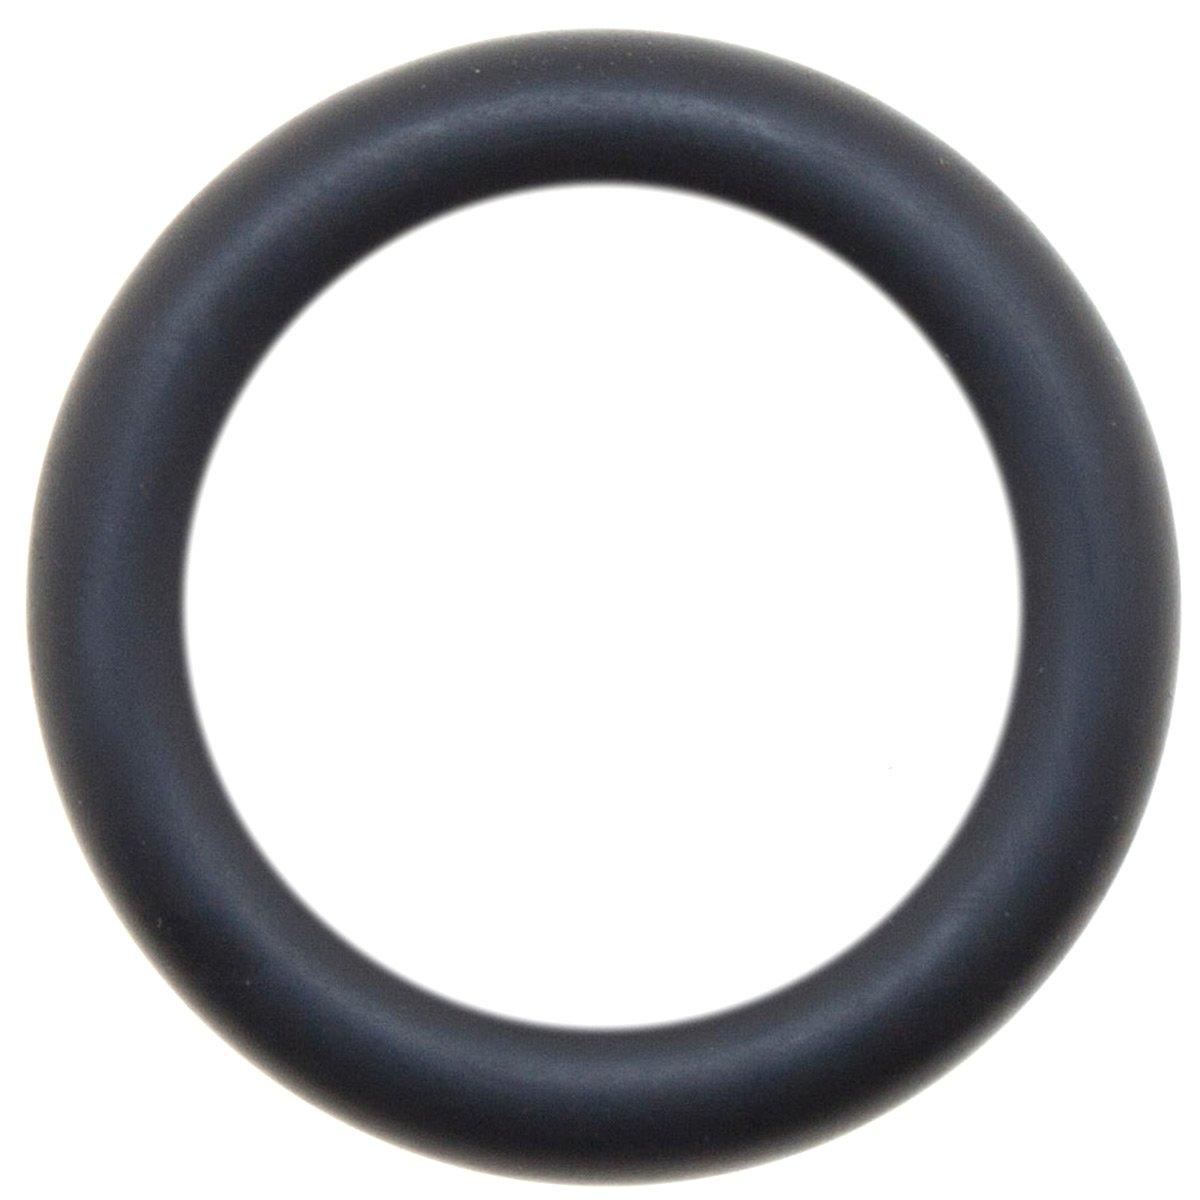 Dichtringe / O-Ringe 17 x 3 mm NBR 70, Menge 25 Stü ck Diehr & Rabenstein